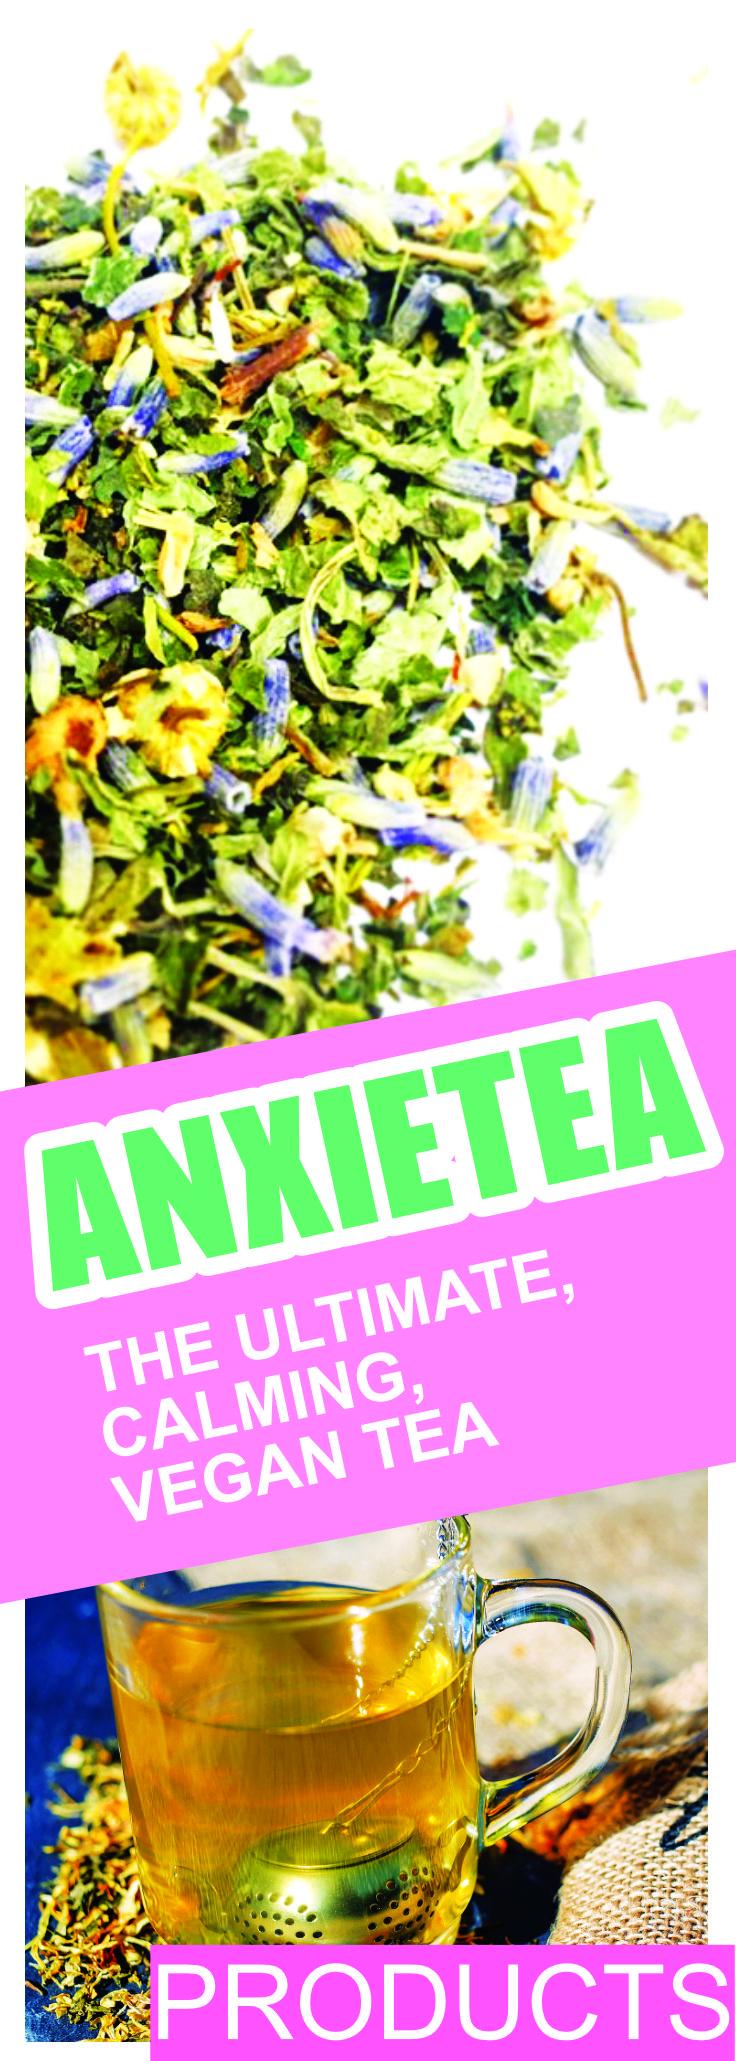 Tea for anxiety - Anxietea